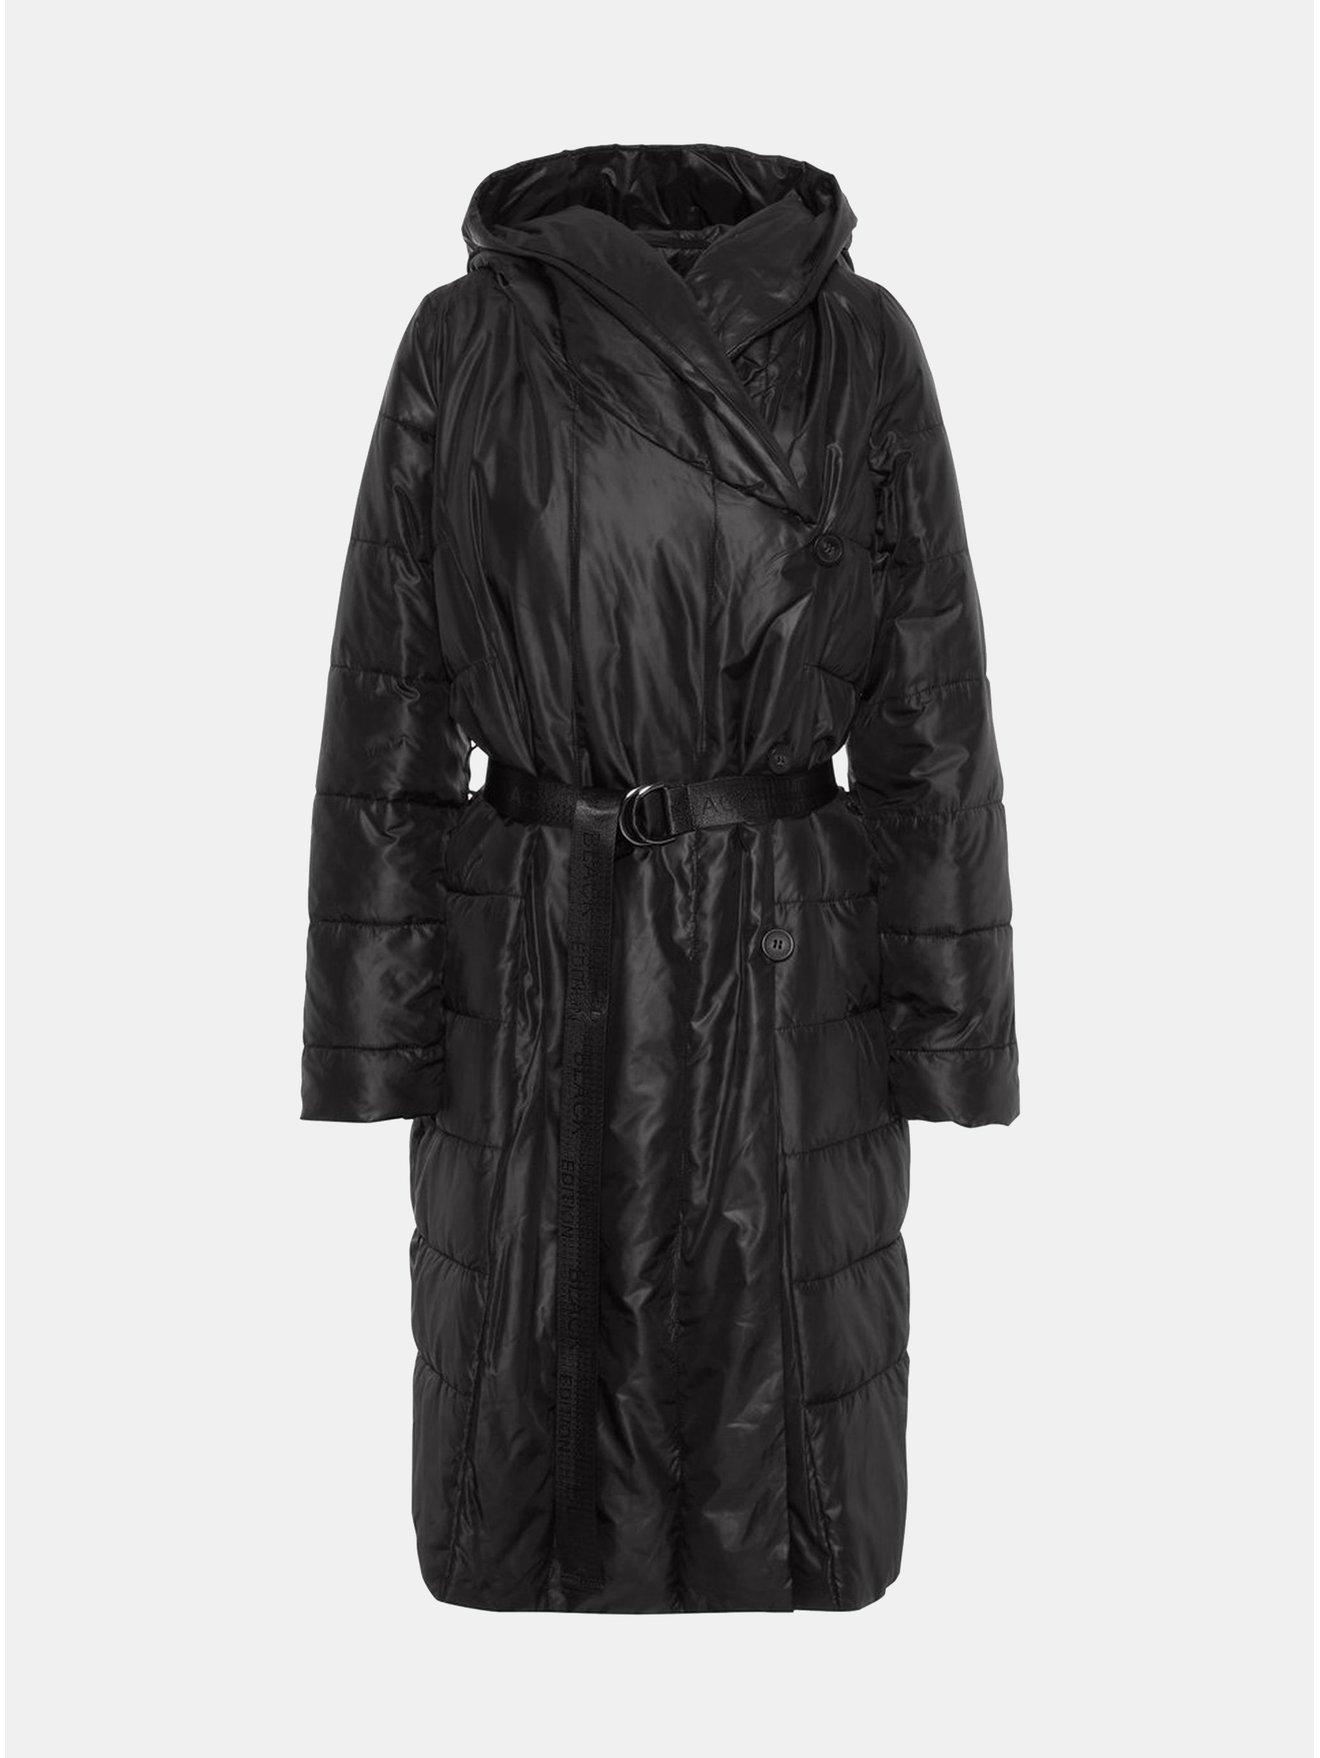 Černý zimní prošívaný kabát s páskem VERO MODA 13266c9f11